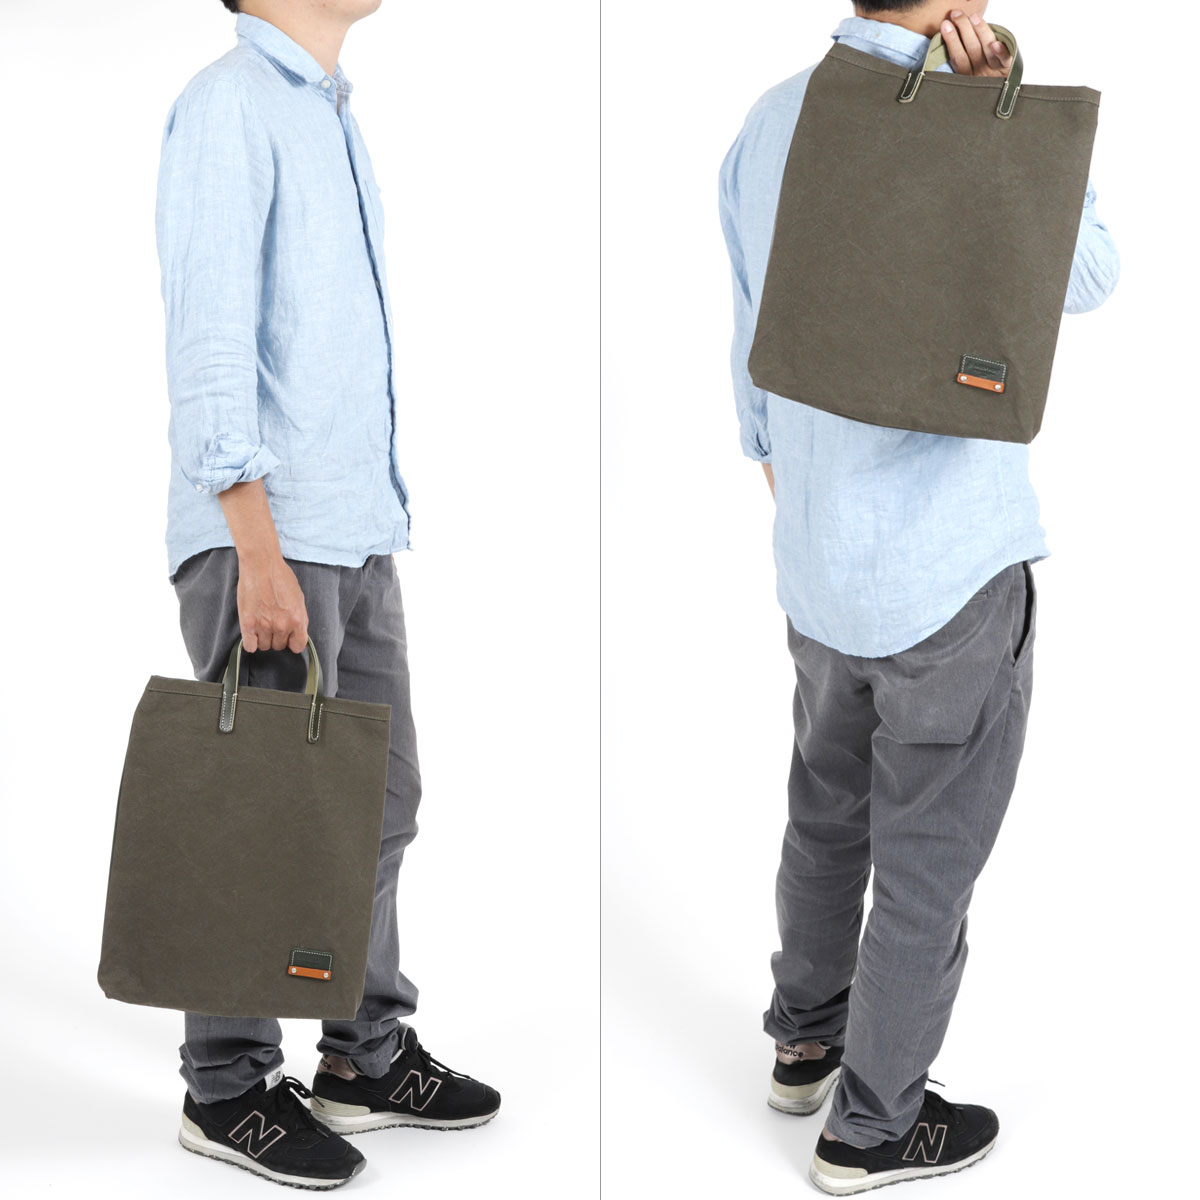 トートバッグ ハンドバッグ メンズ B4サイズ対応 カラーバイオ国産10号帆布 BAGGY PORT バギーポート 薄マチ 姫路レザー 日本製 男性用 紳士用 男女兼用 ユニセックス